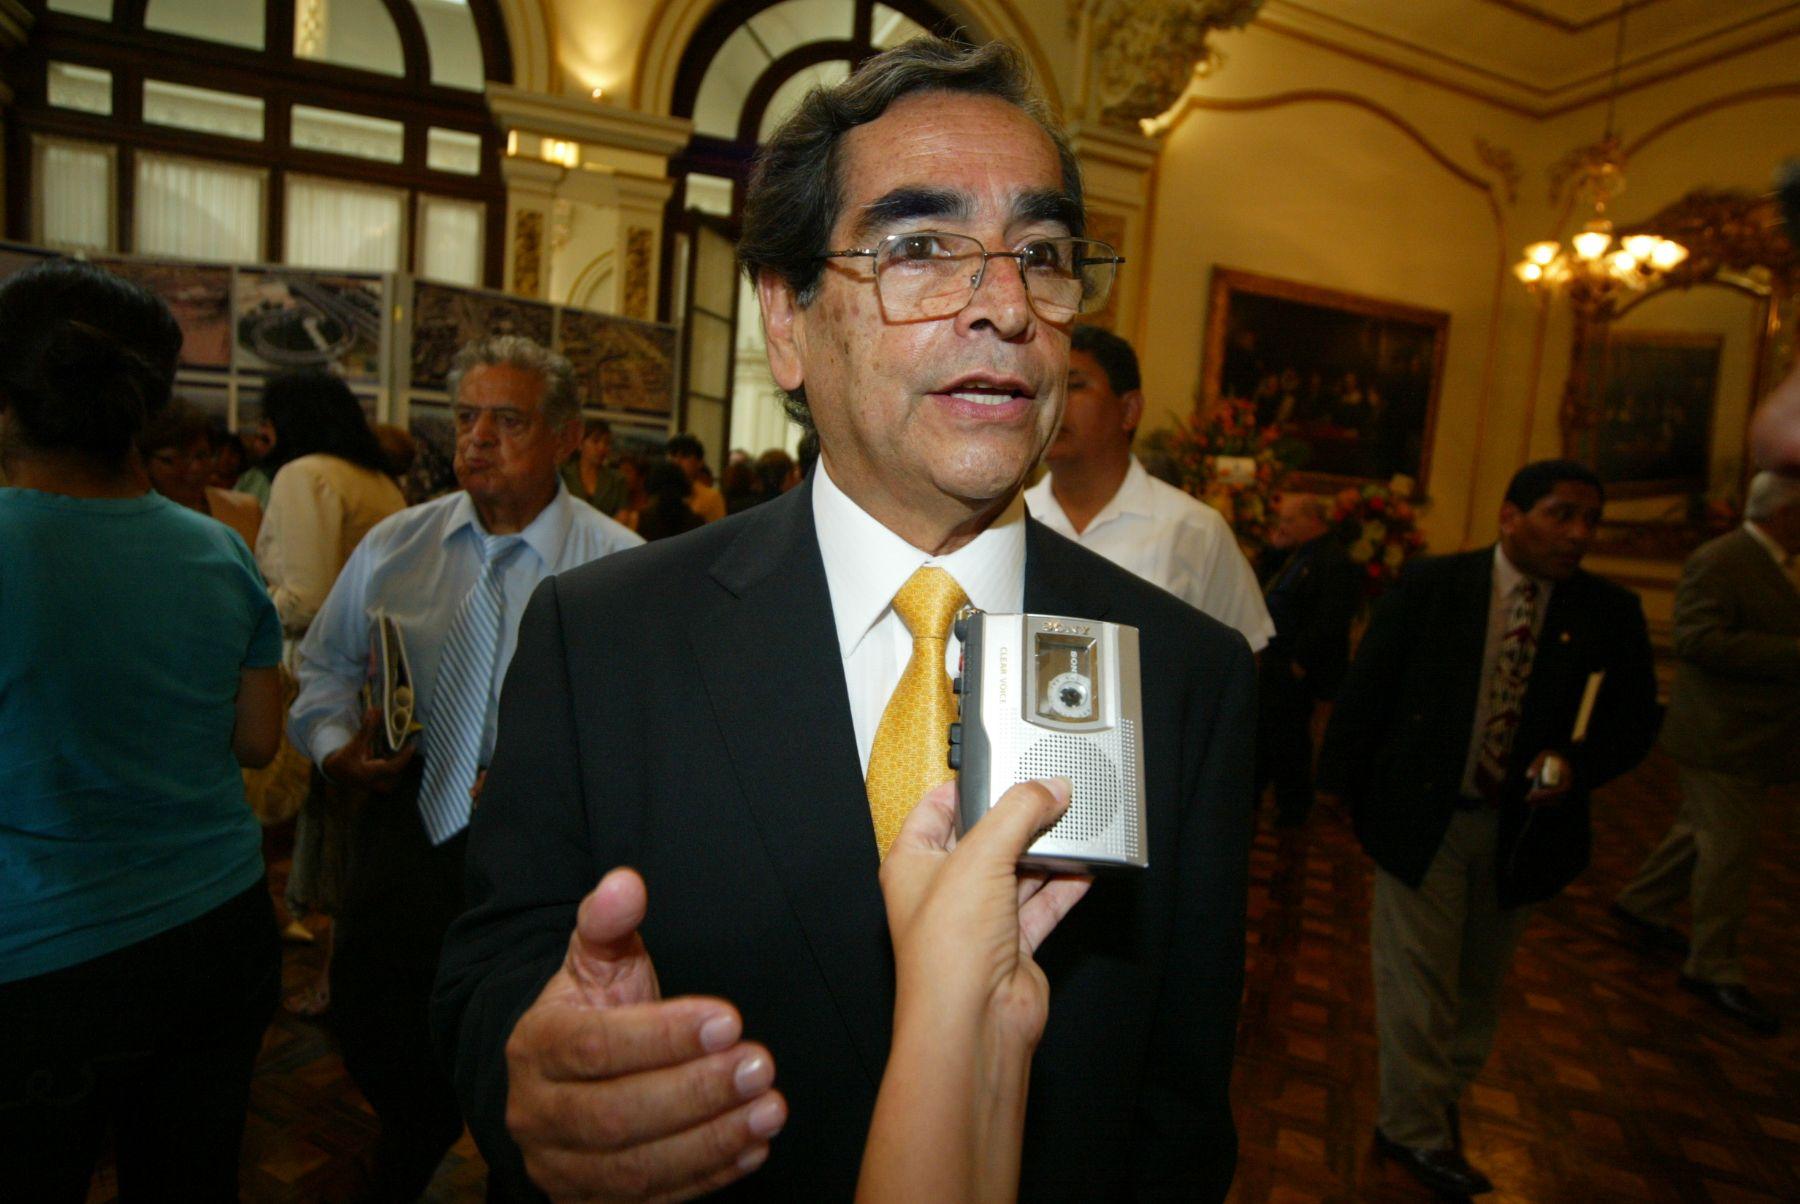 El Ministro de Salud, Oscar Ugarte. Foto: ANDINA / Rubén Grández.